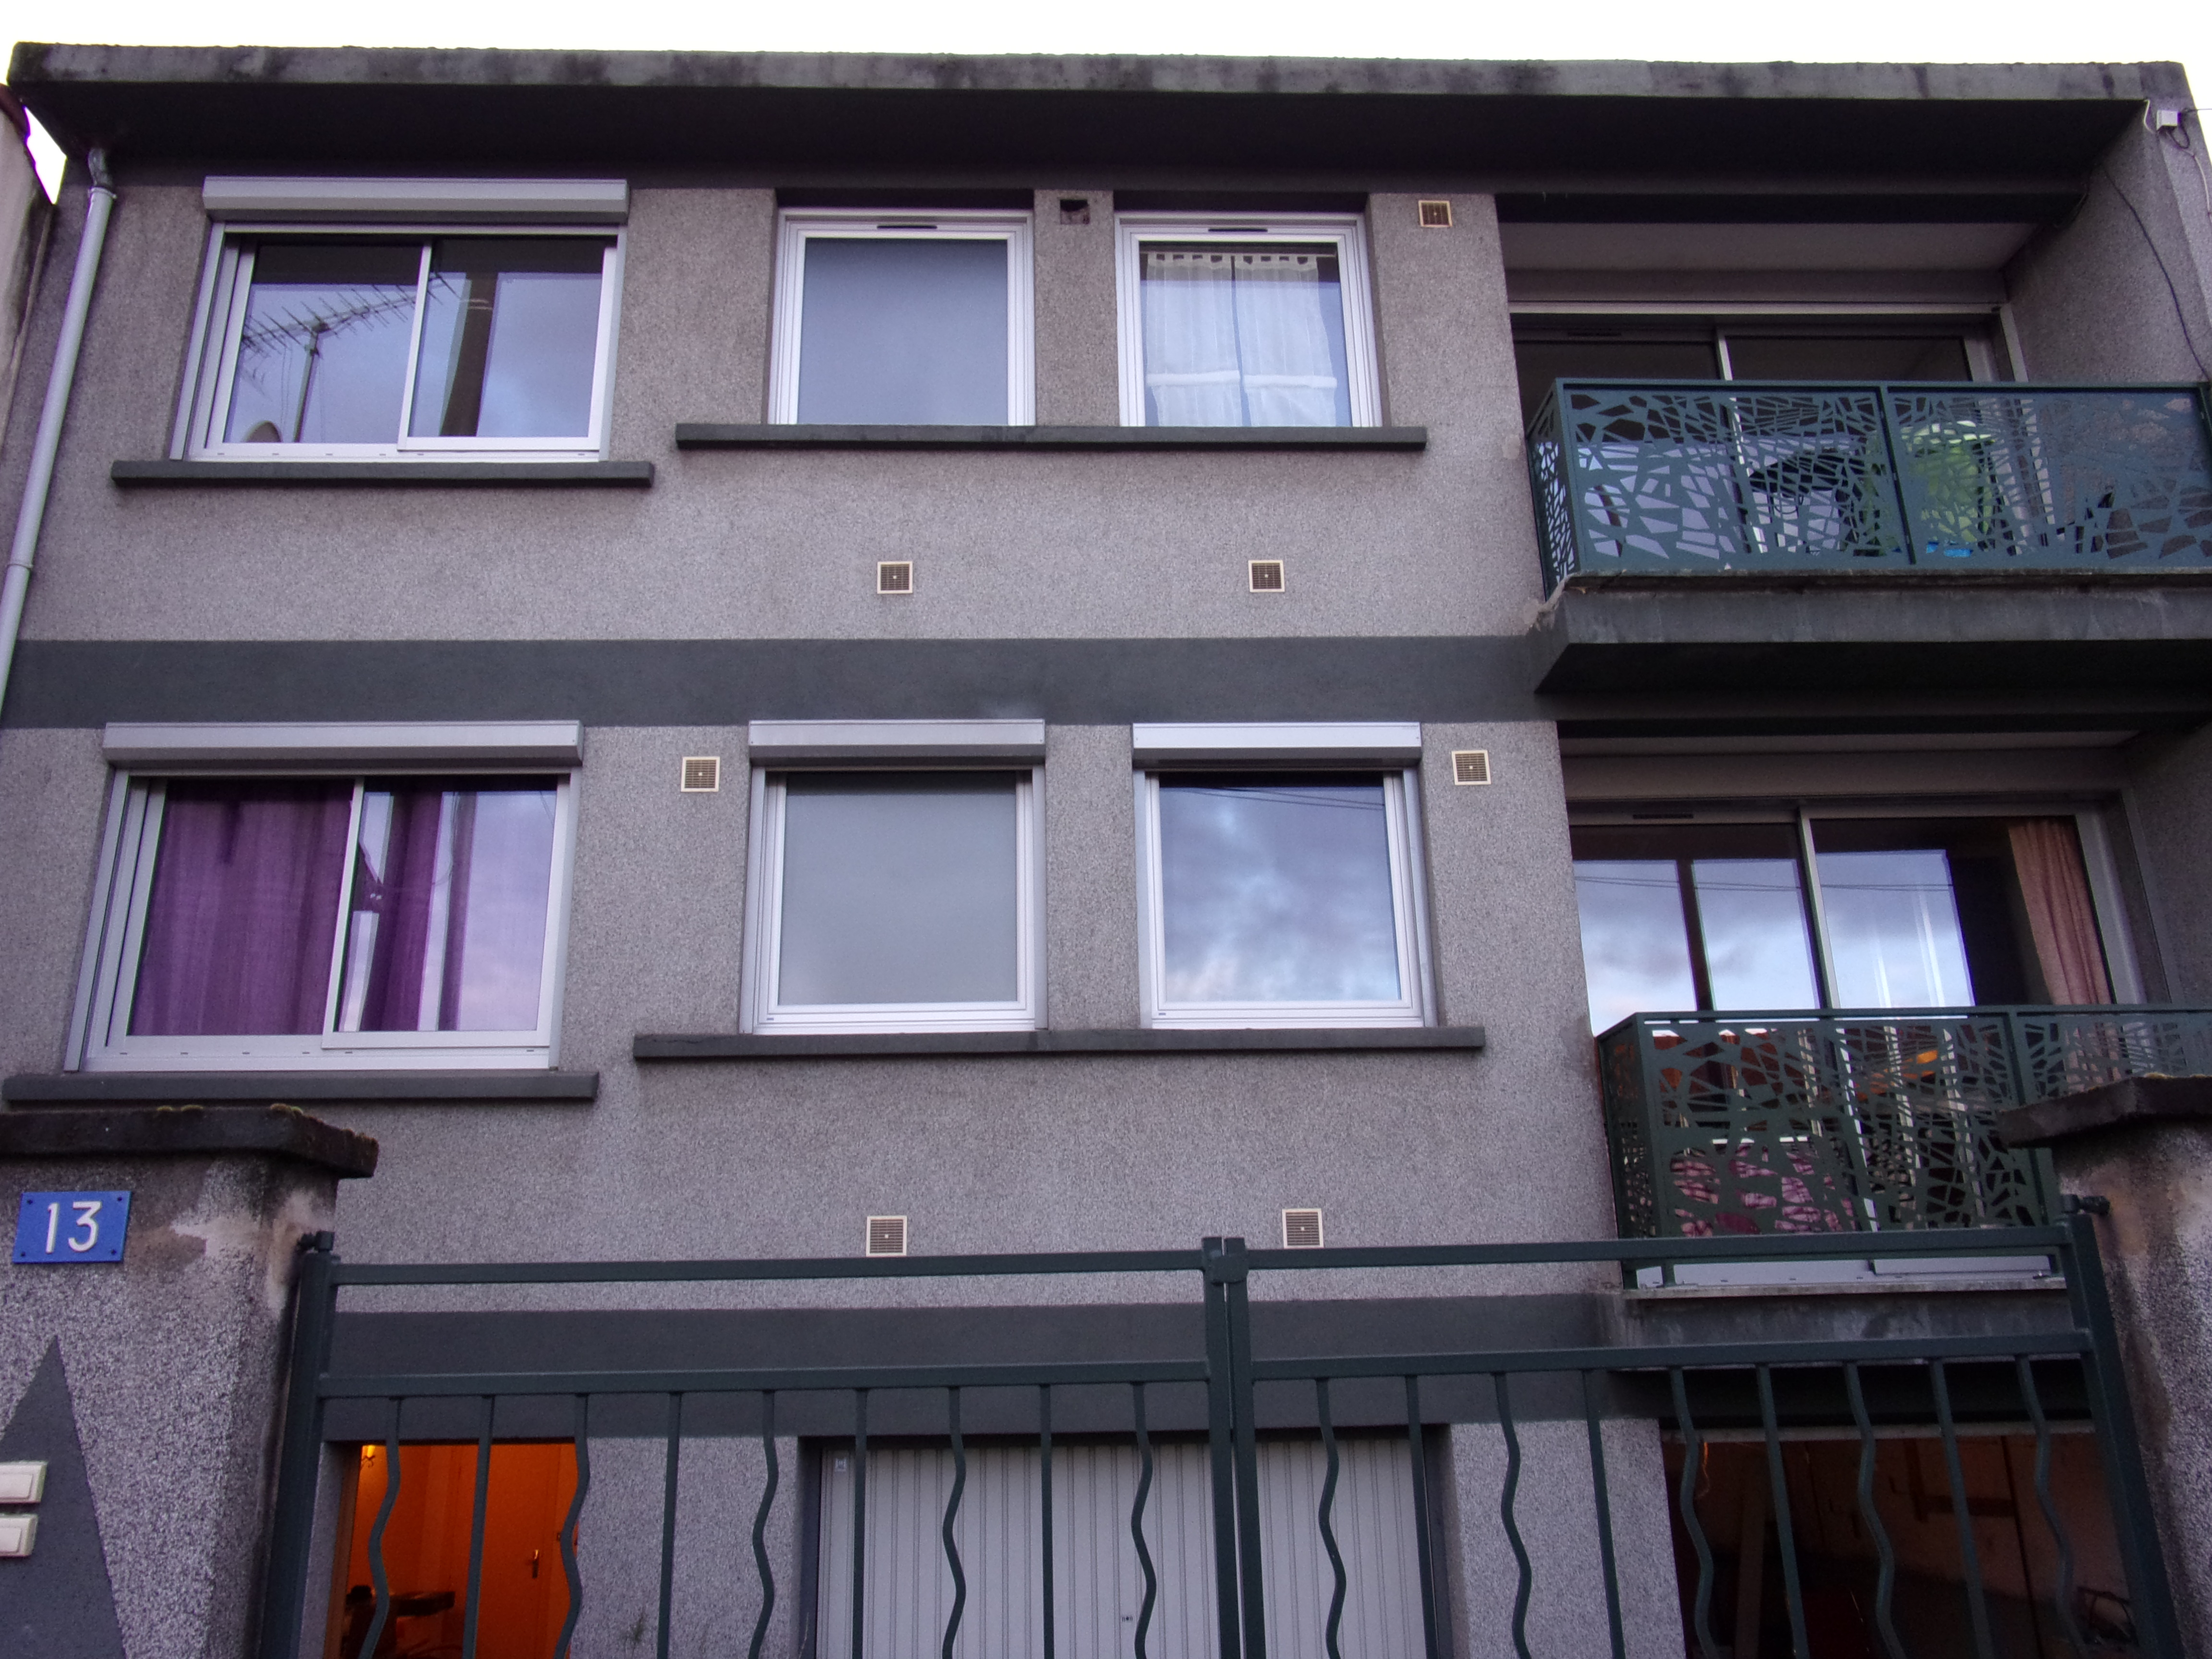 Porte Coulissante Et Fenêtre Pvc Blanche Extérieur Atelier Stores